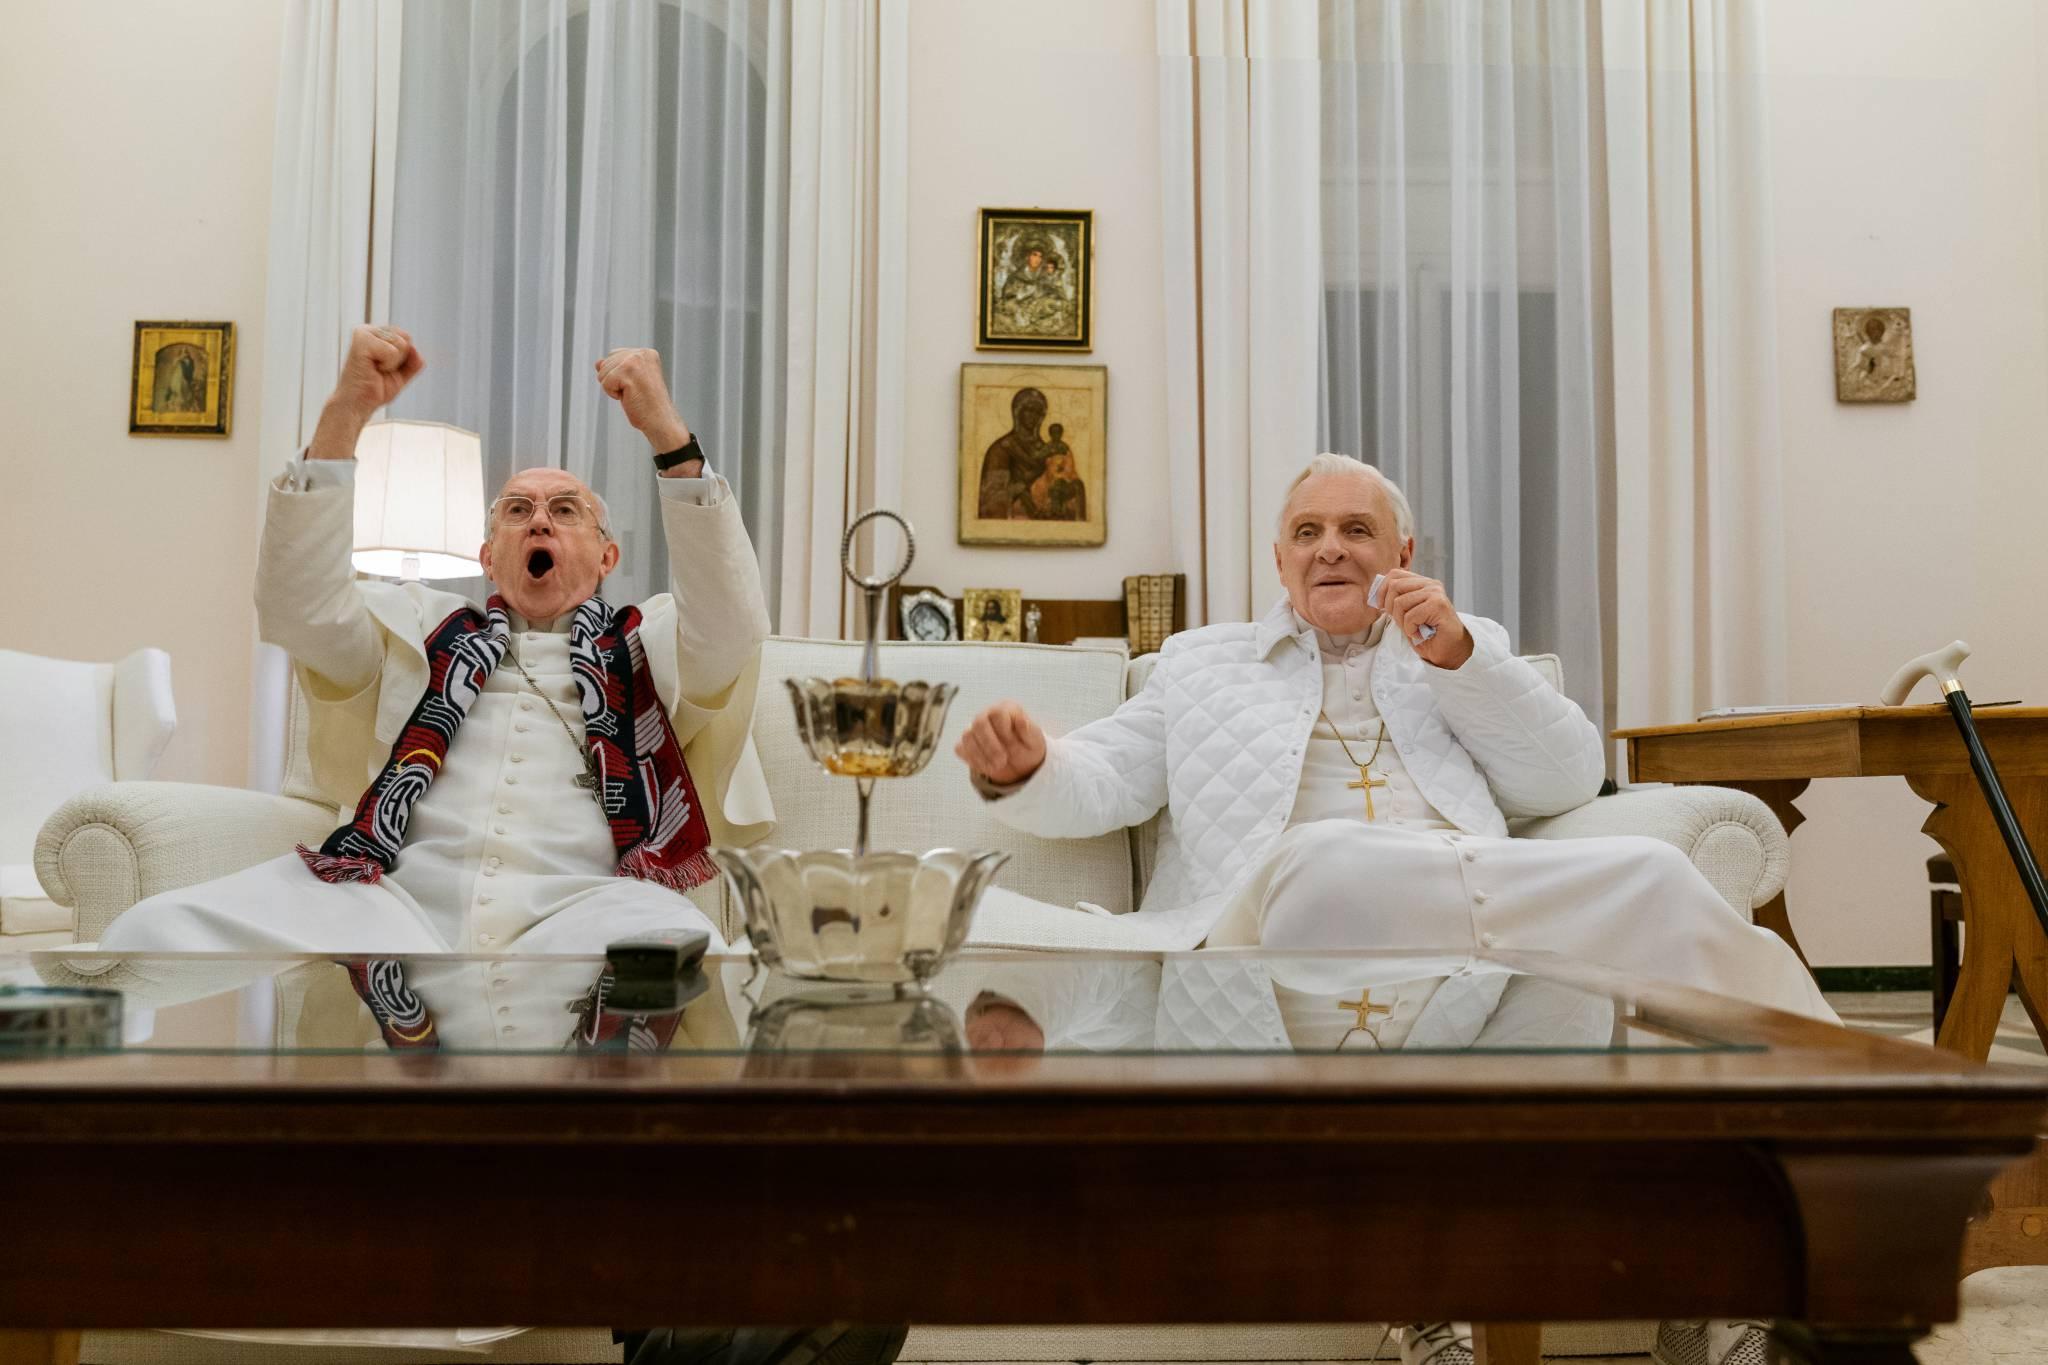 Główny zwiastun Dwóch papieży już dostępny! W głównych rolach Anthony Hopkins i Jonathan Pryce.